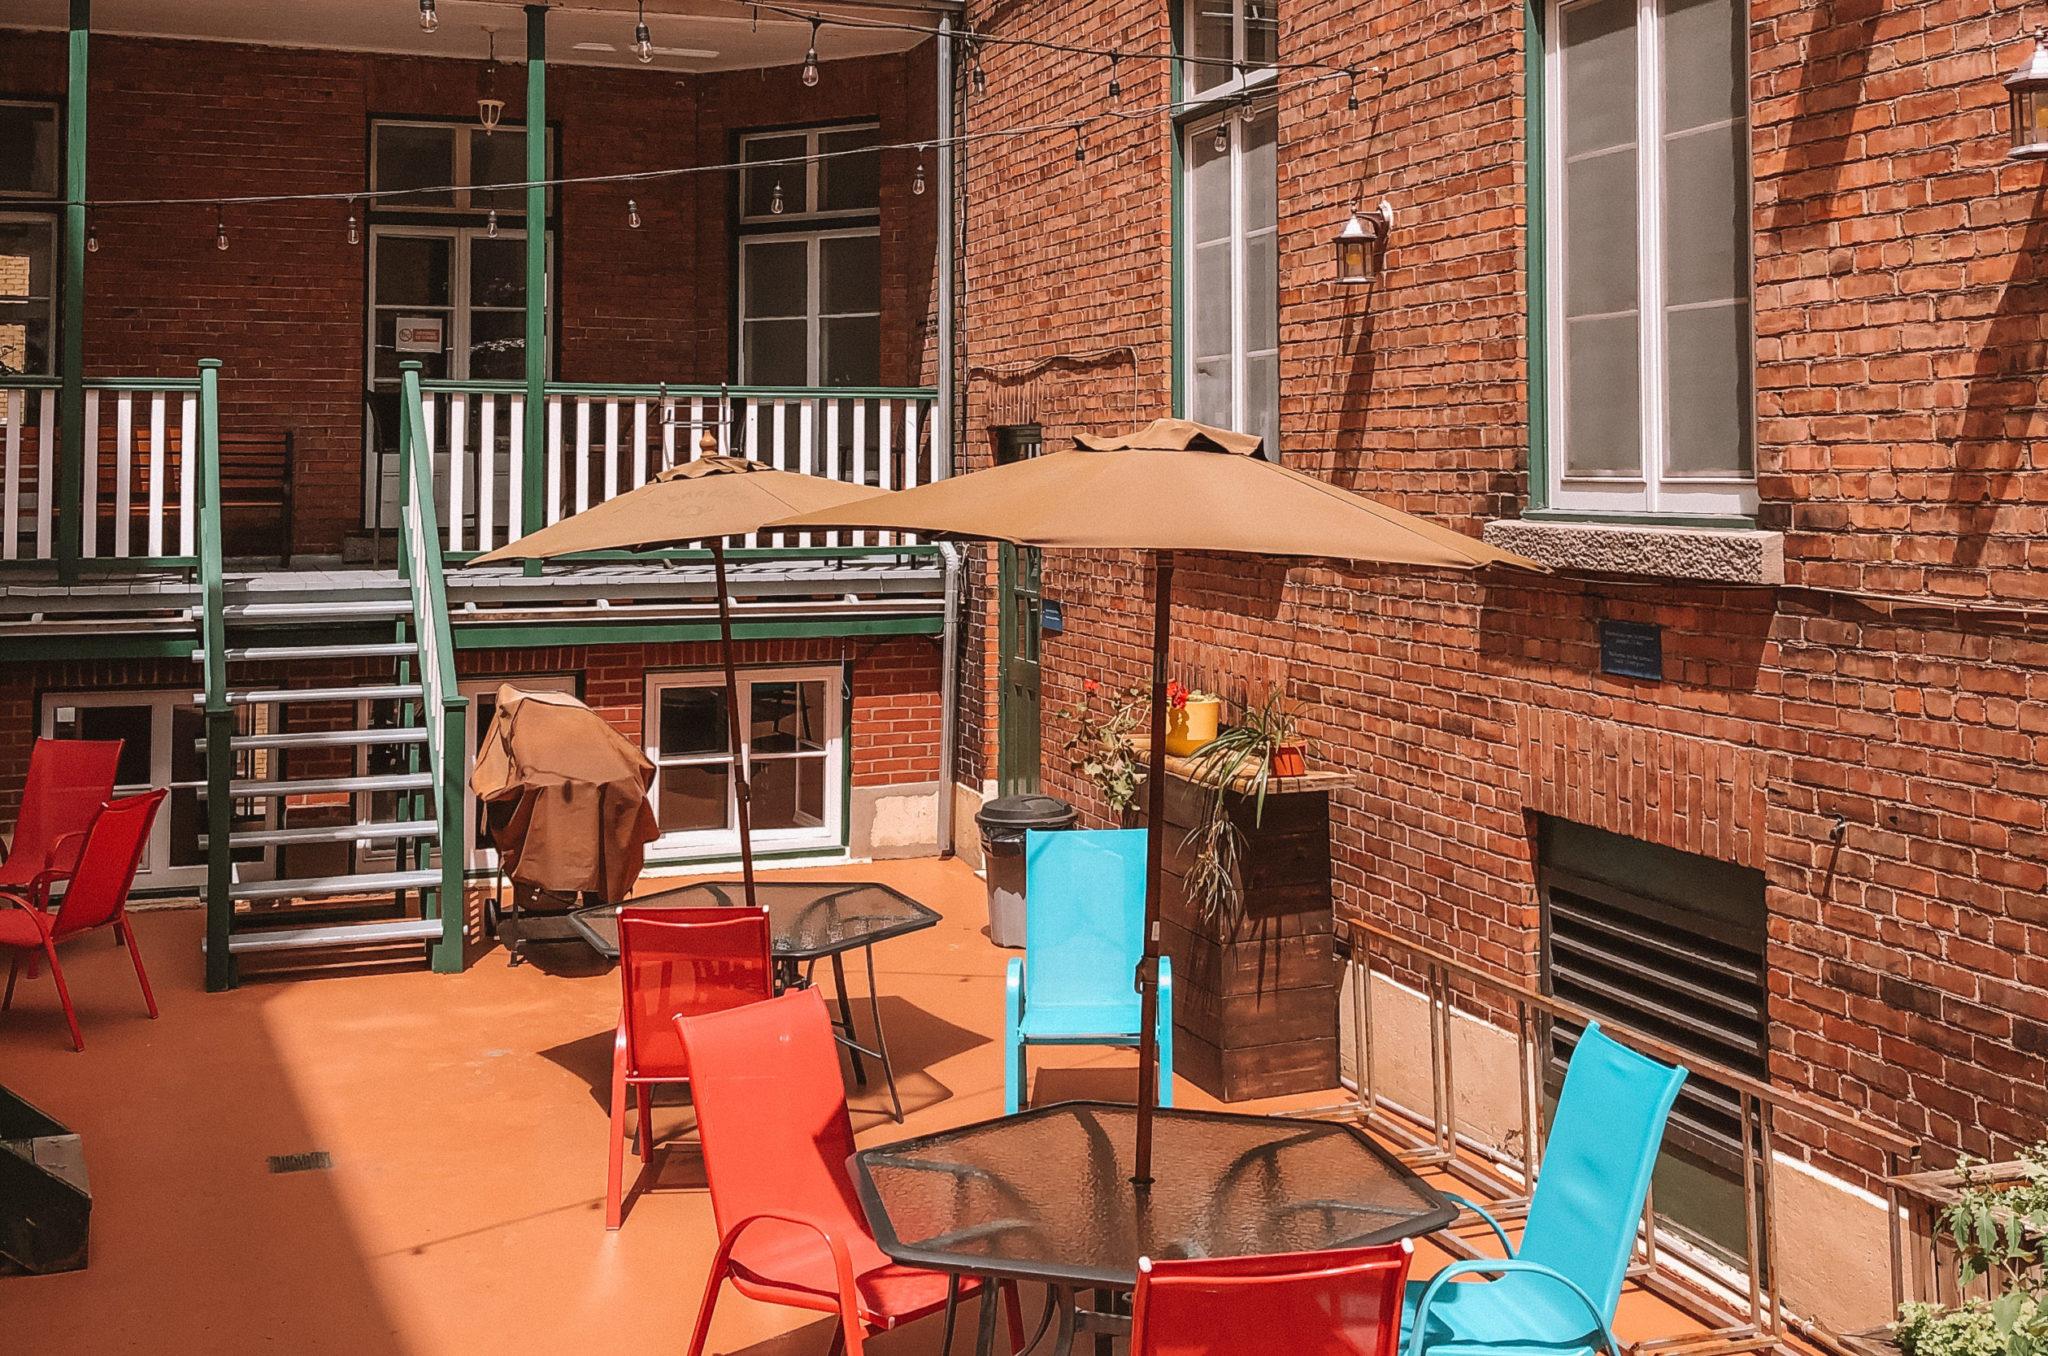 terrasse-1-scaled.jpg